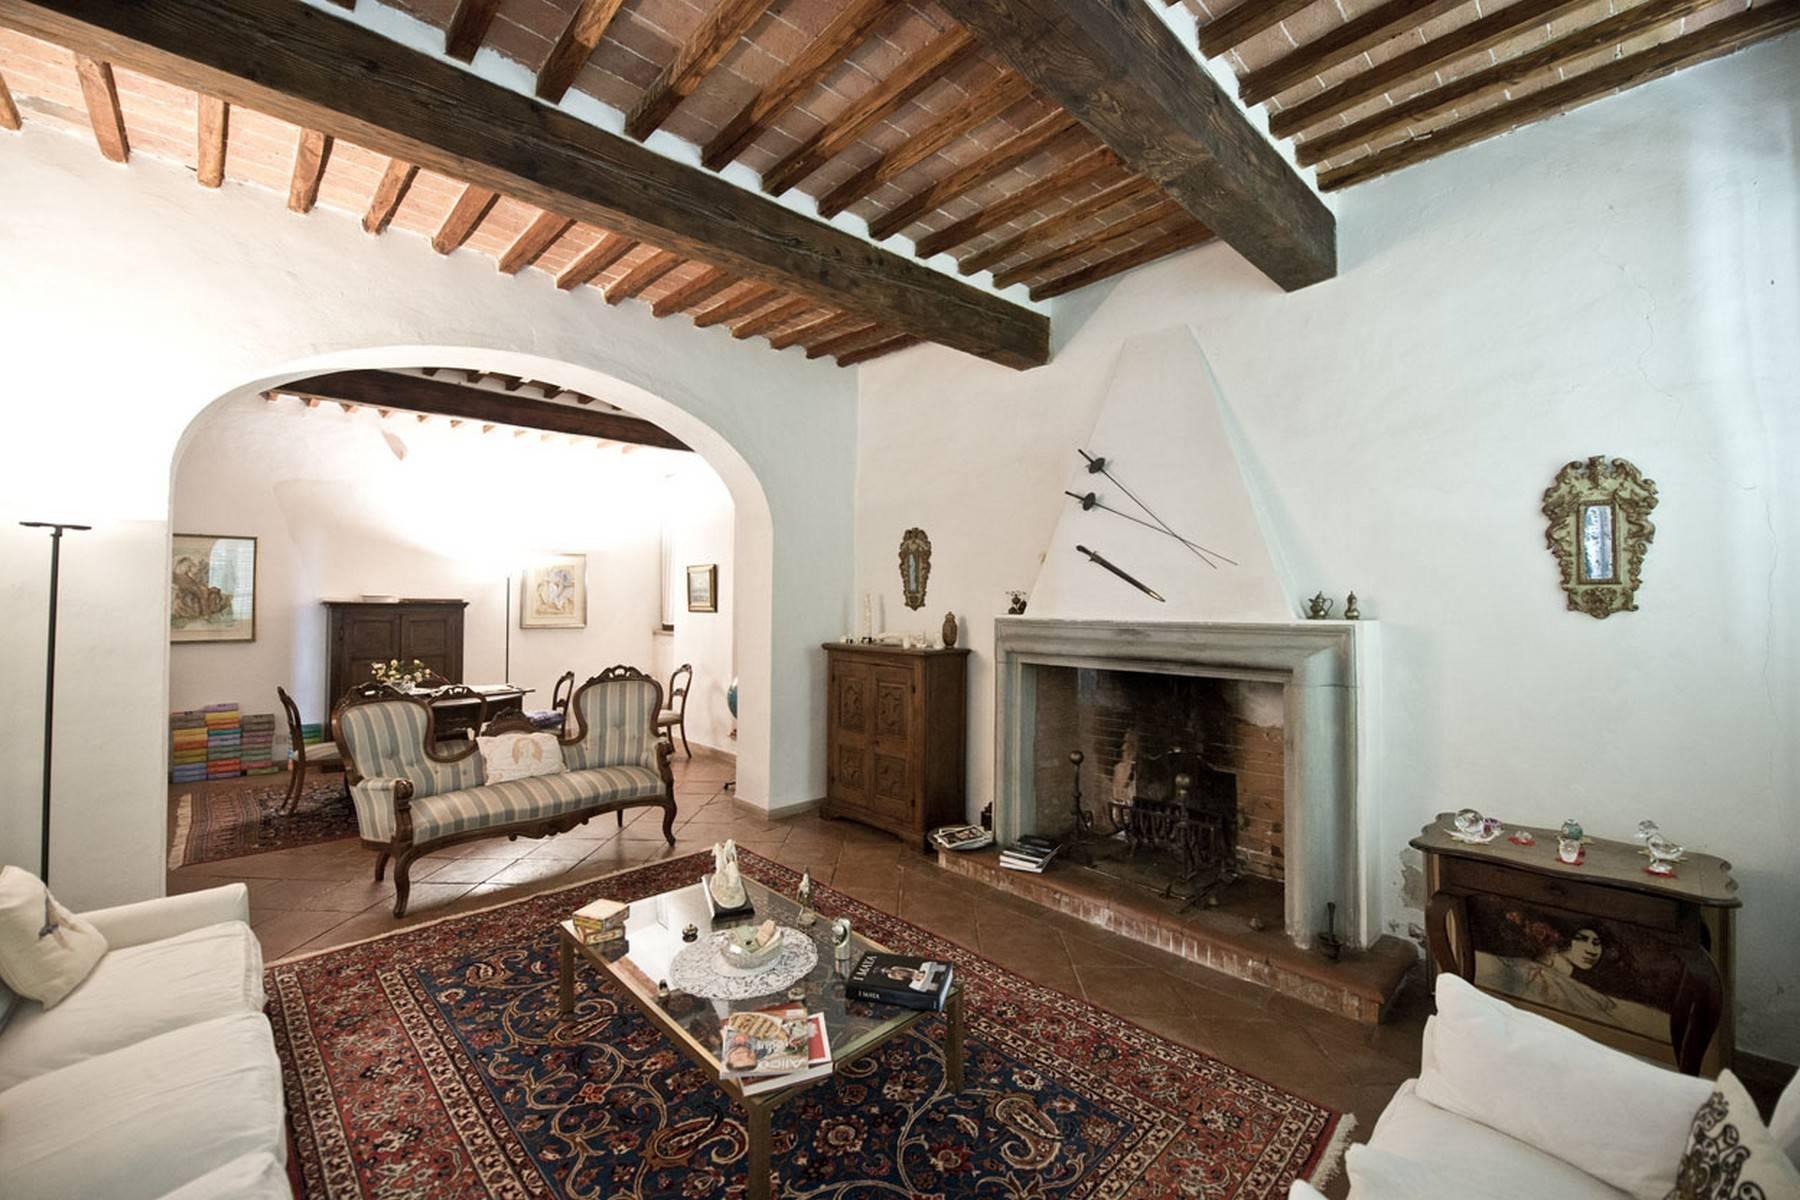 Villa aristocratique à vendre sur les collines de Sienne - 15